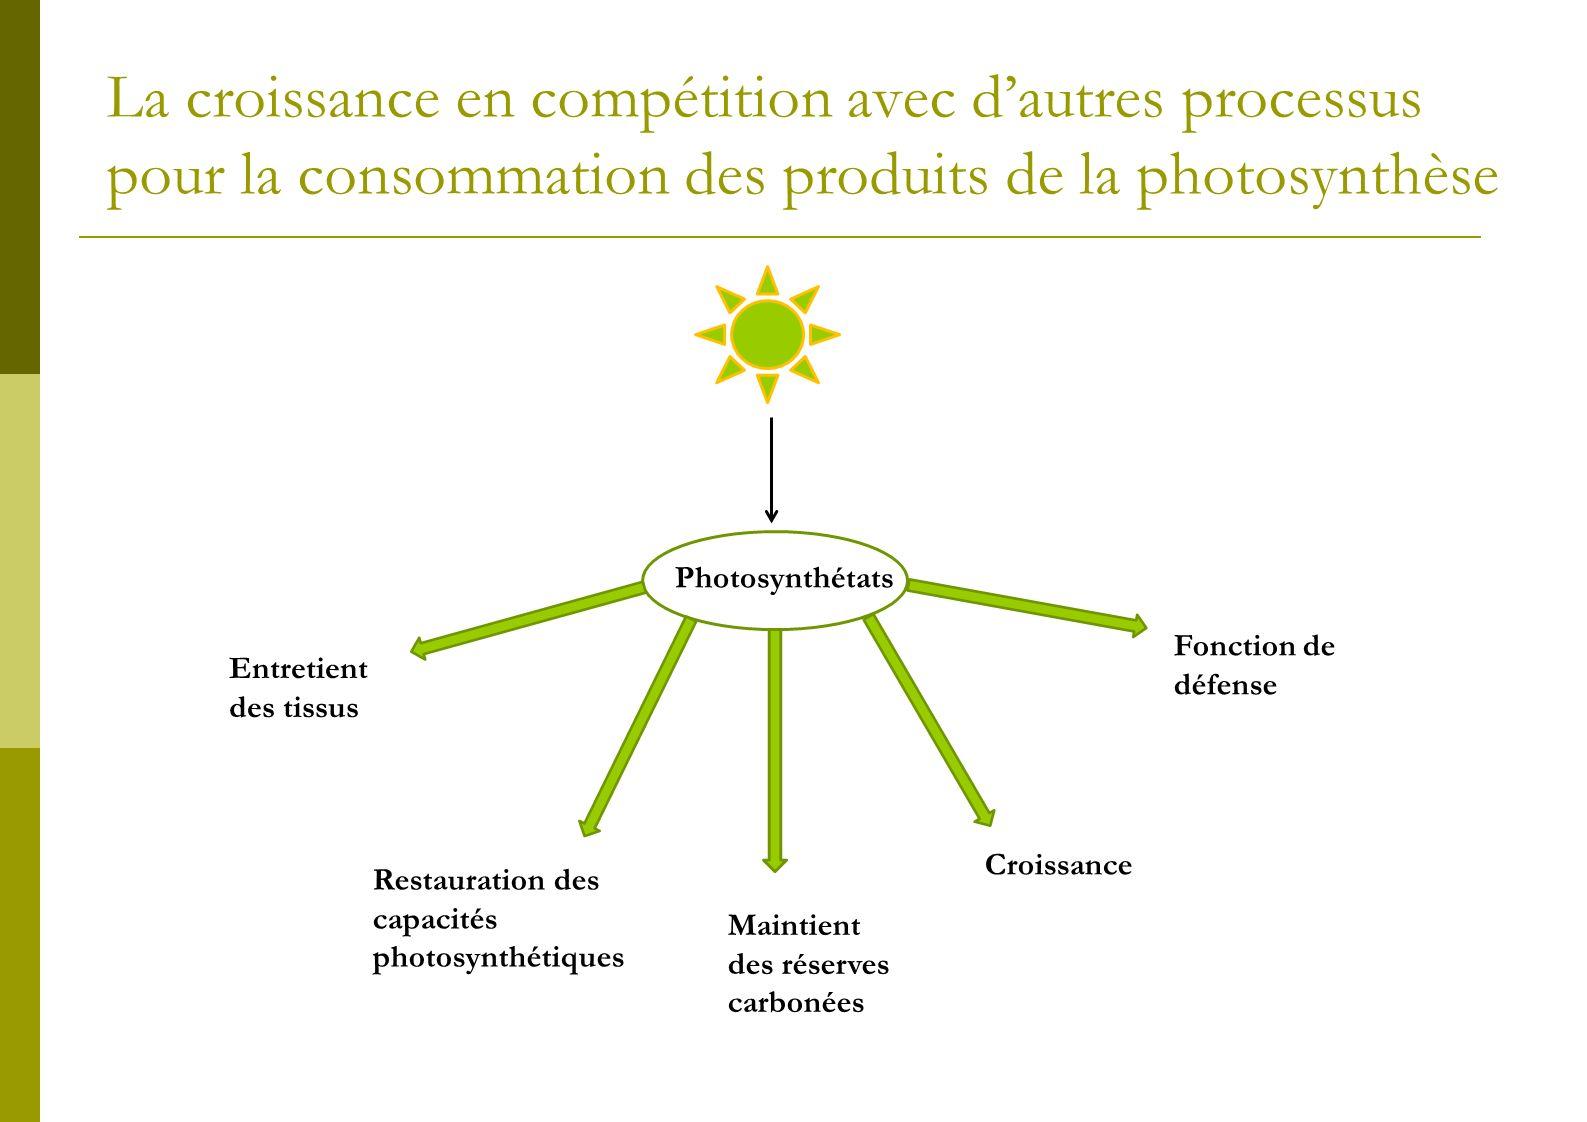 La croissance en compétition avec d'autres processus pour la consommation des produits de la photosynthèse